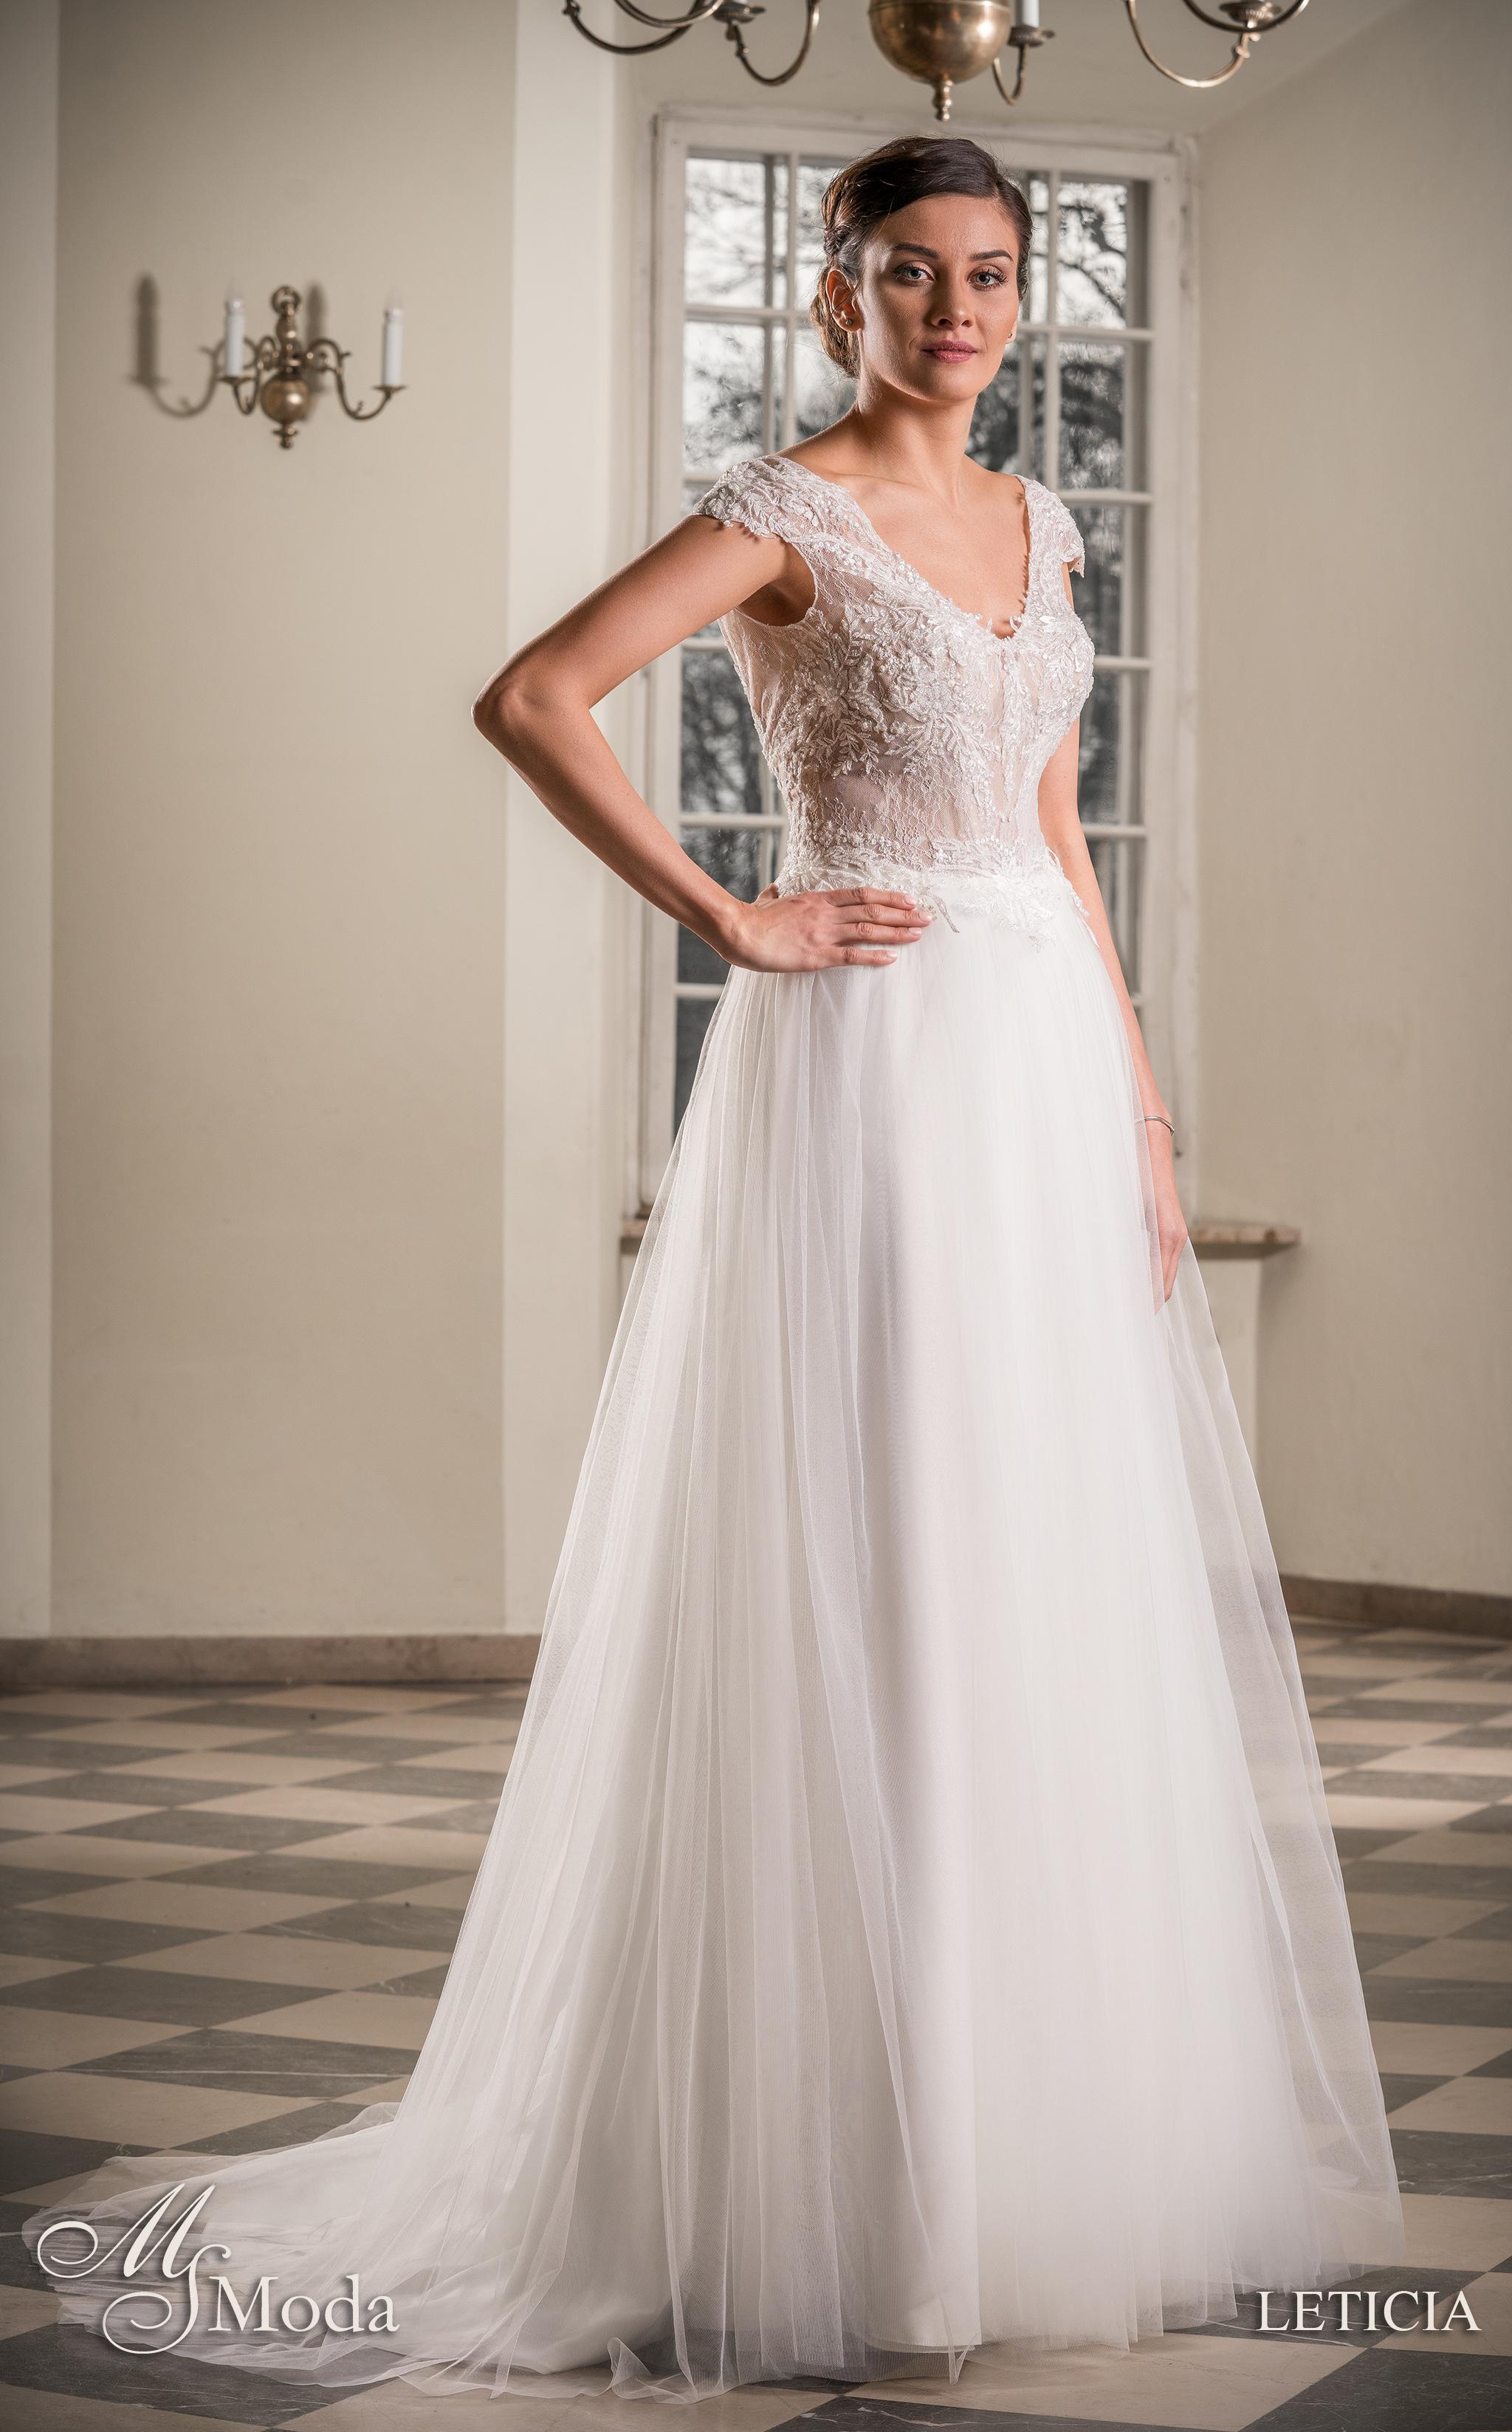 Großartig Bianchi Hochzeitskleider Galerie - Hochzeit Kleid Stile ...